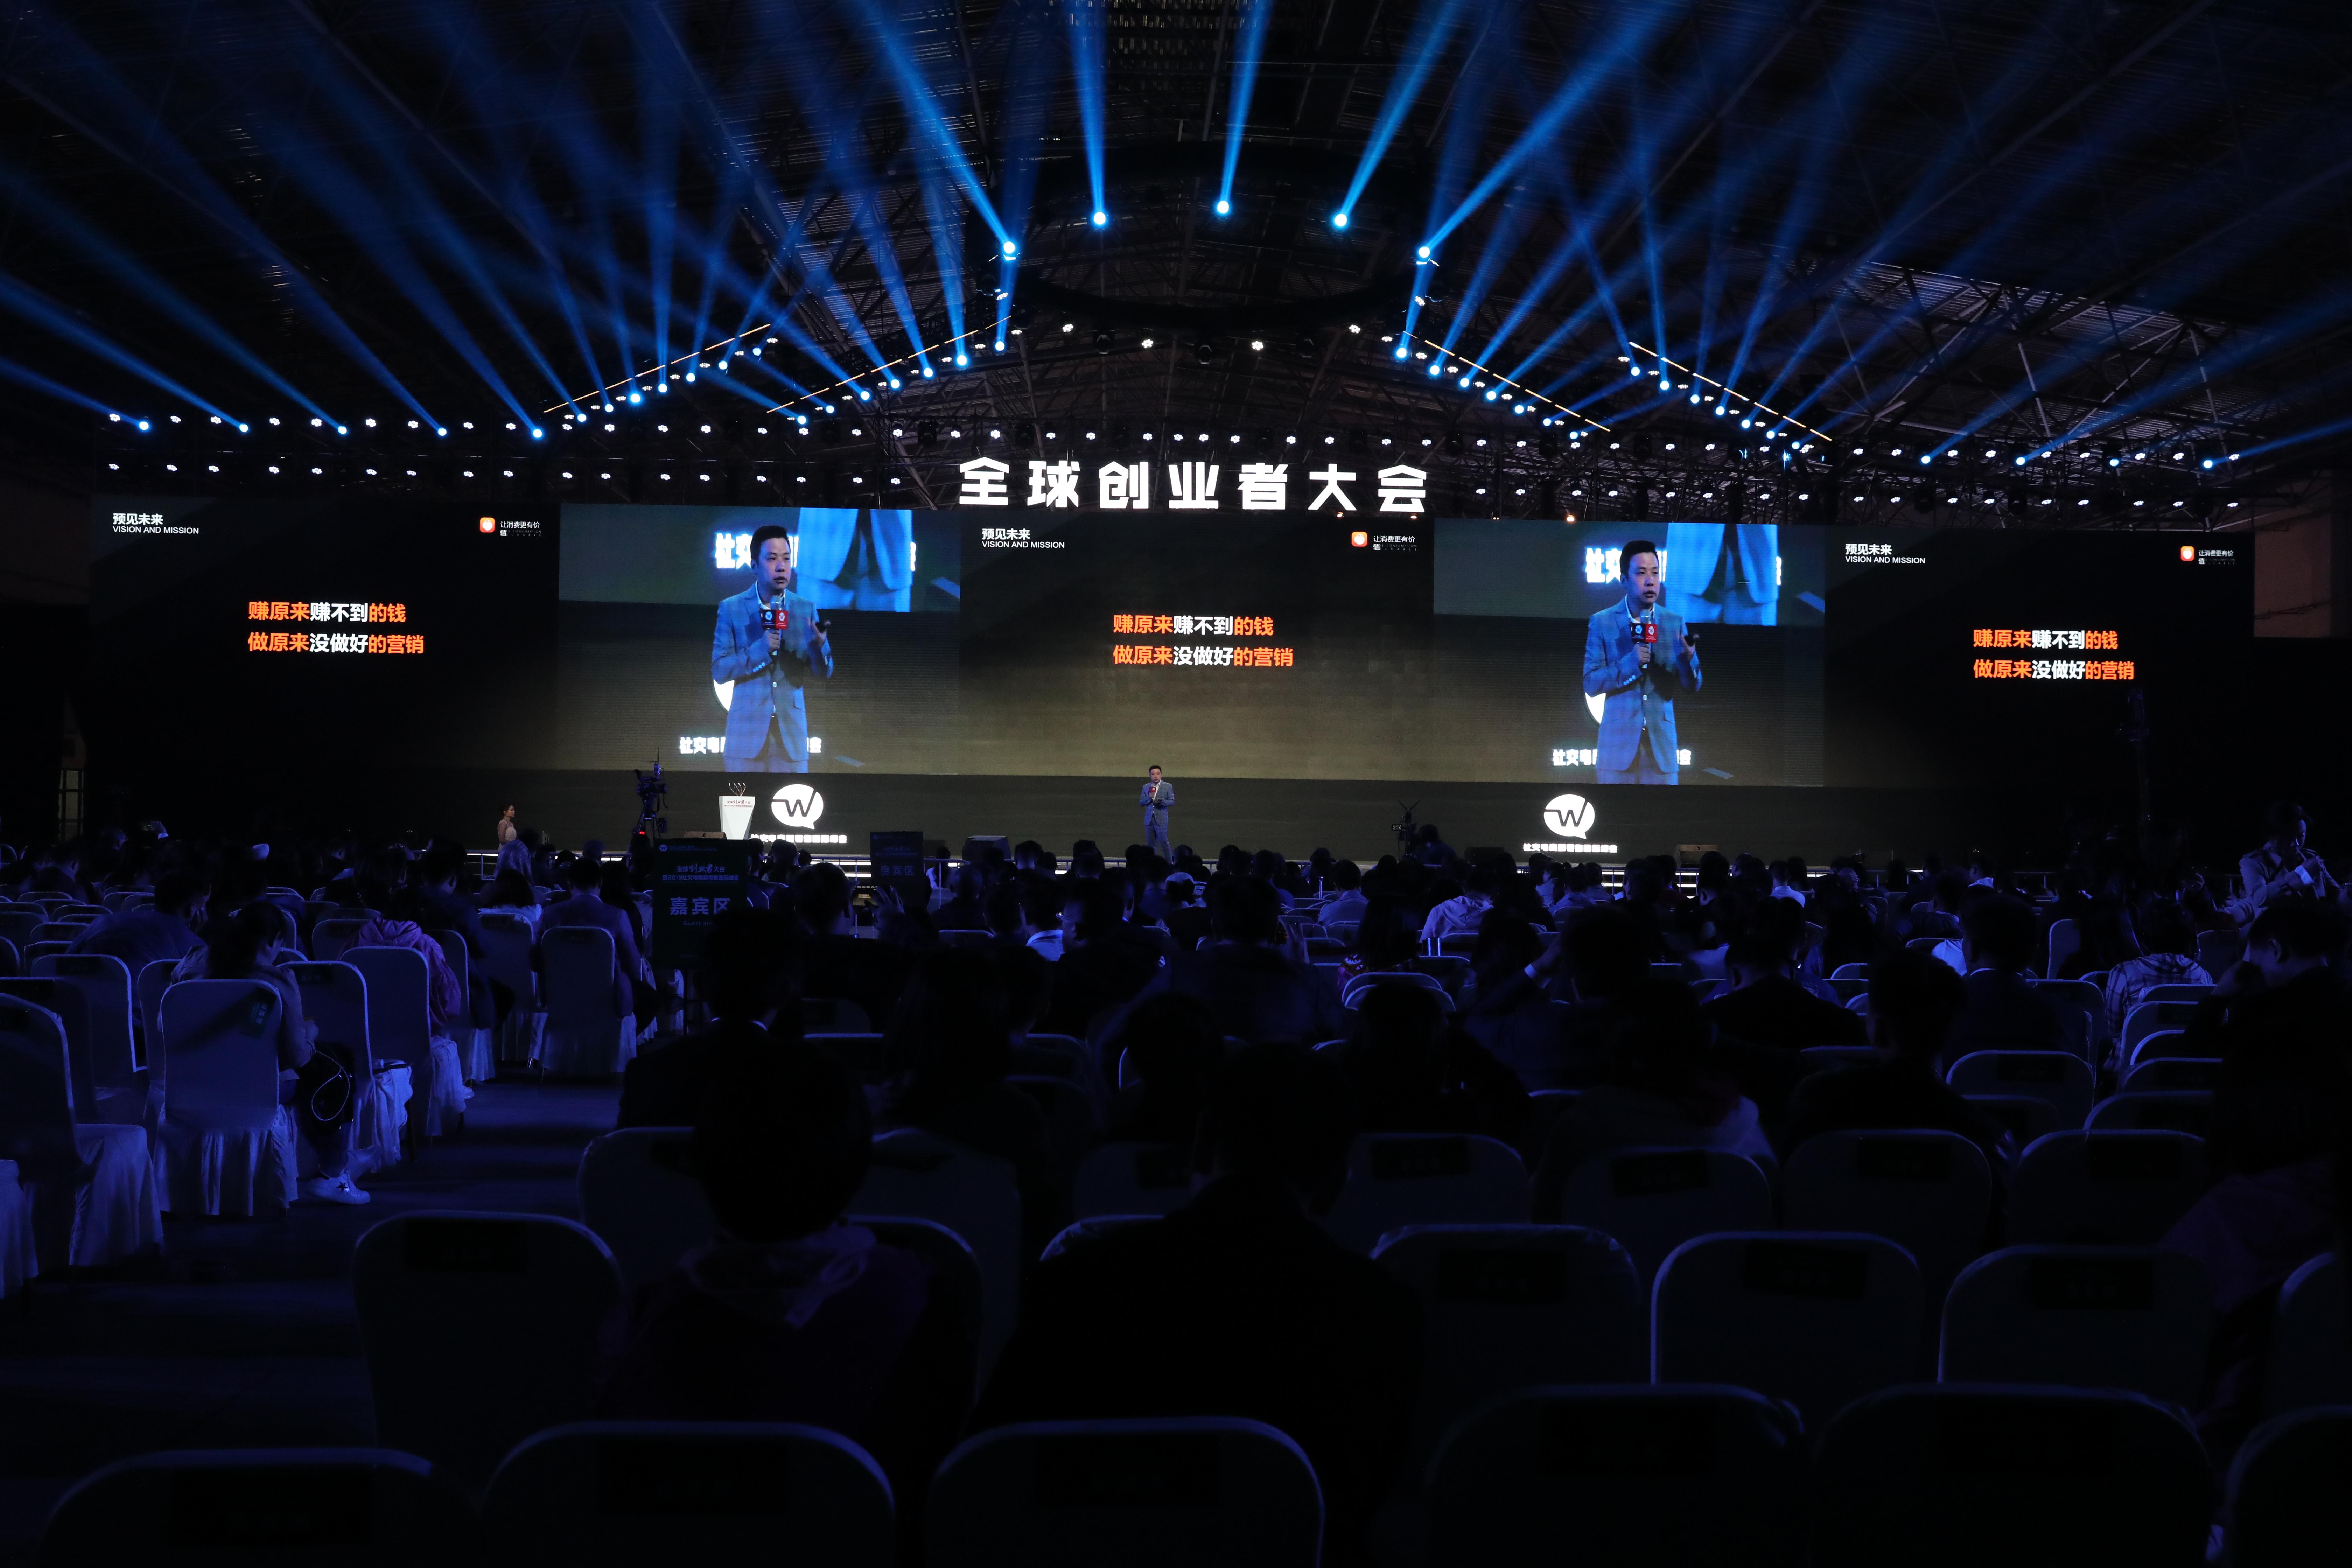 http://www.xqweigou.com/dianshangrenwu/27324.html